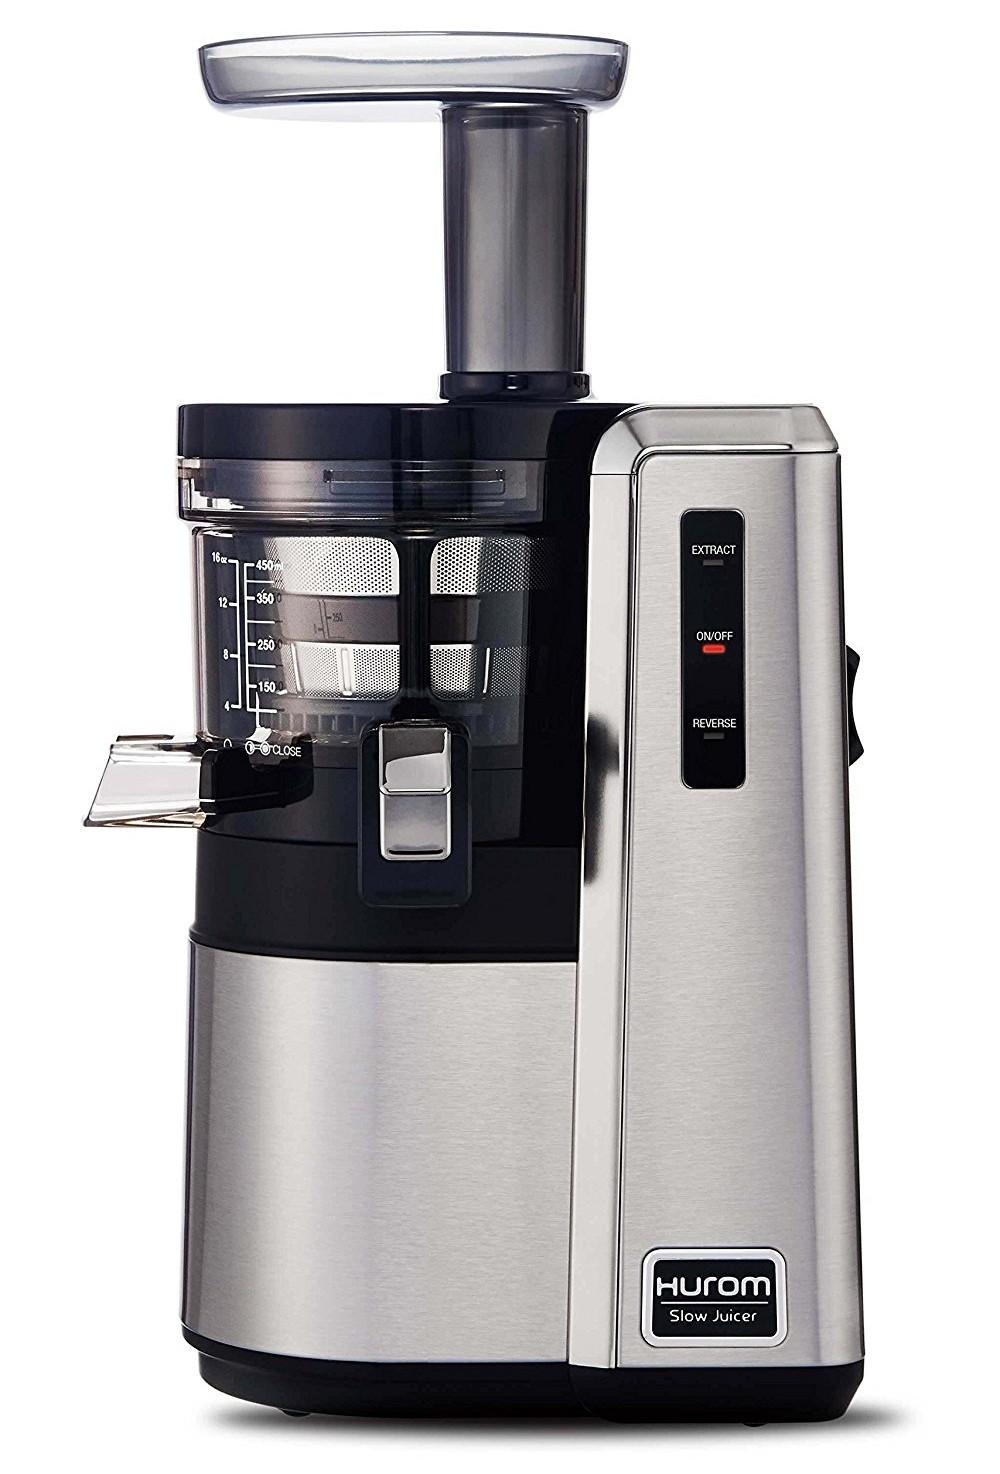 Slow Juicer Edeka Test : Slow Juicer und Zitruspresse in einem Ger?t - Fur bis zu einen Liter Saft - Bild 1